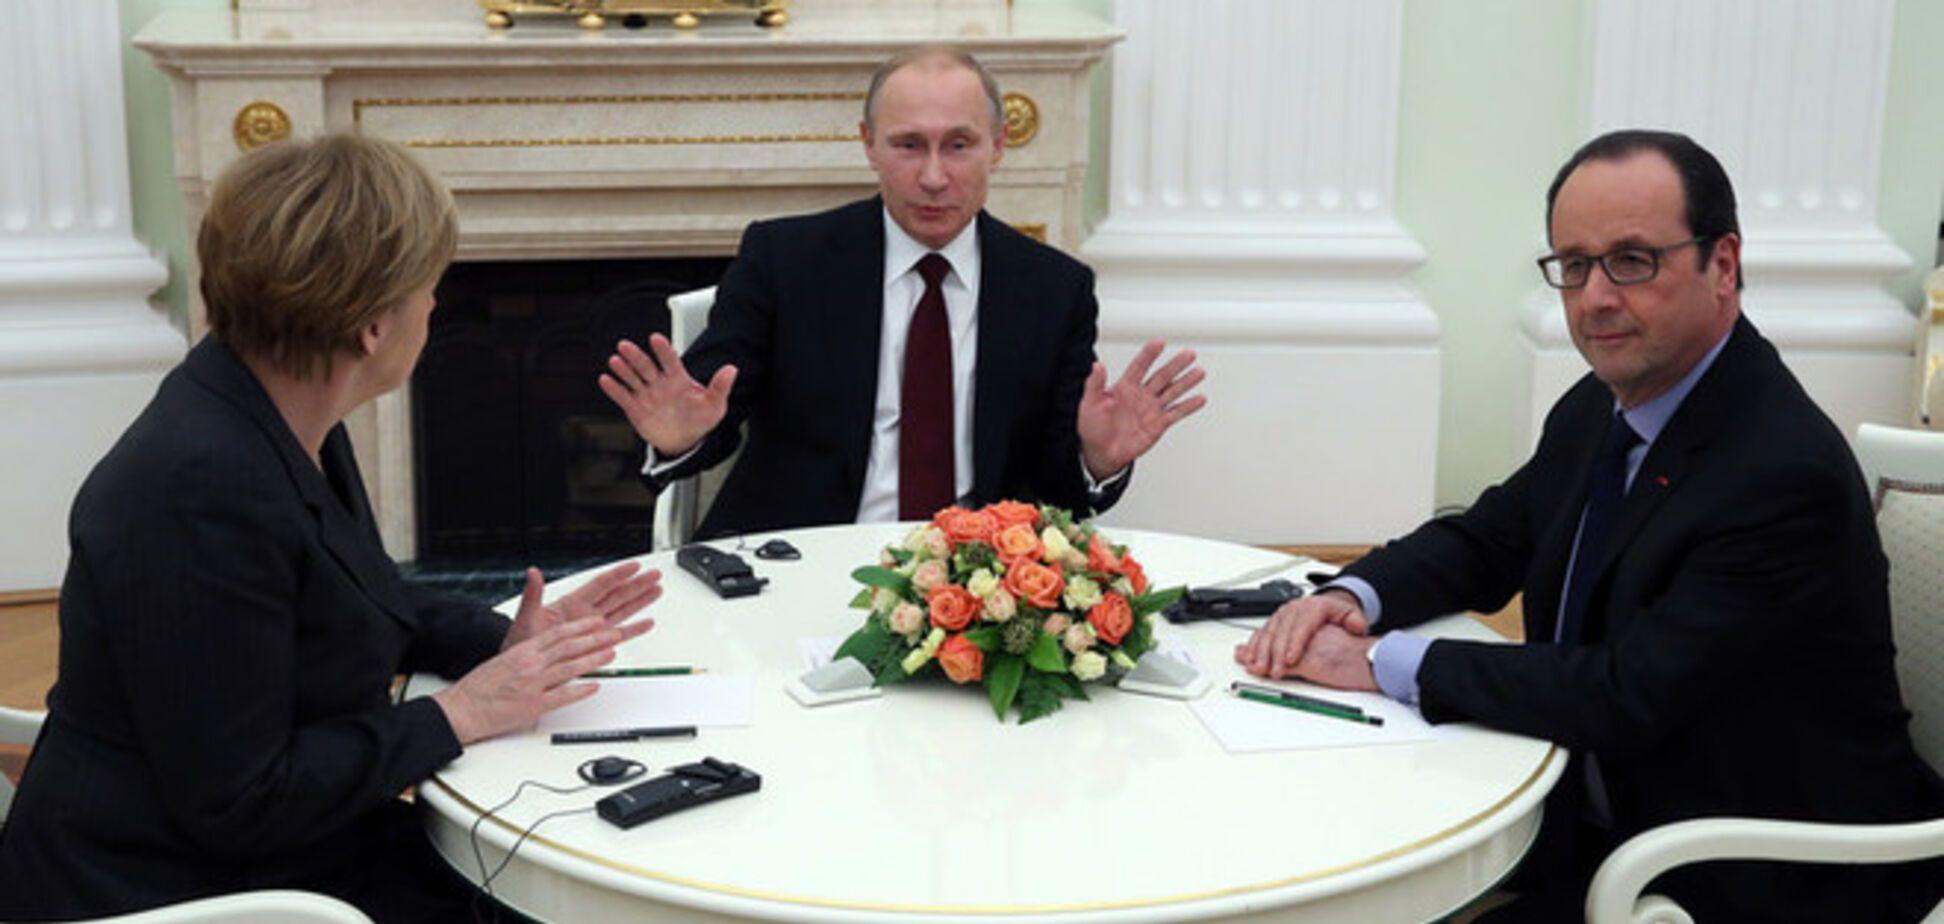 Названы новый план Путина для Донбасса и подробности визита Меркель и Олланда в Киев